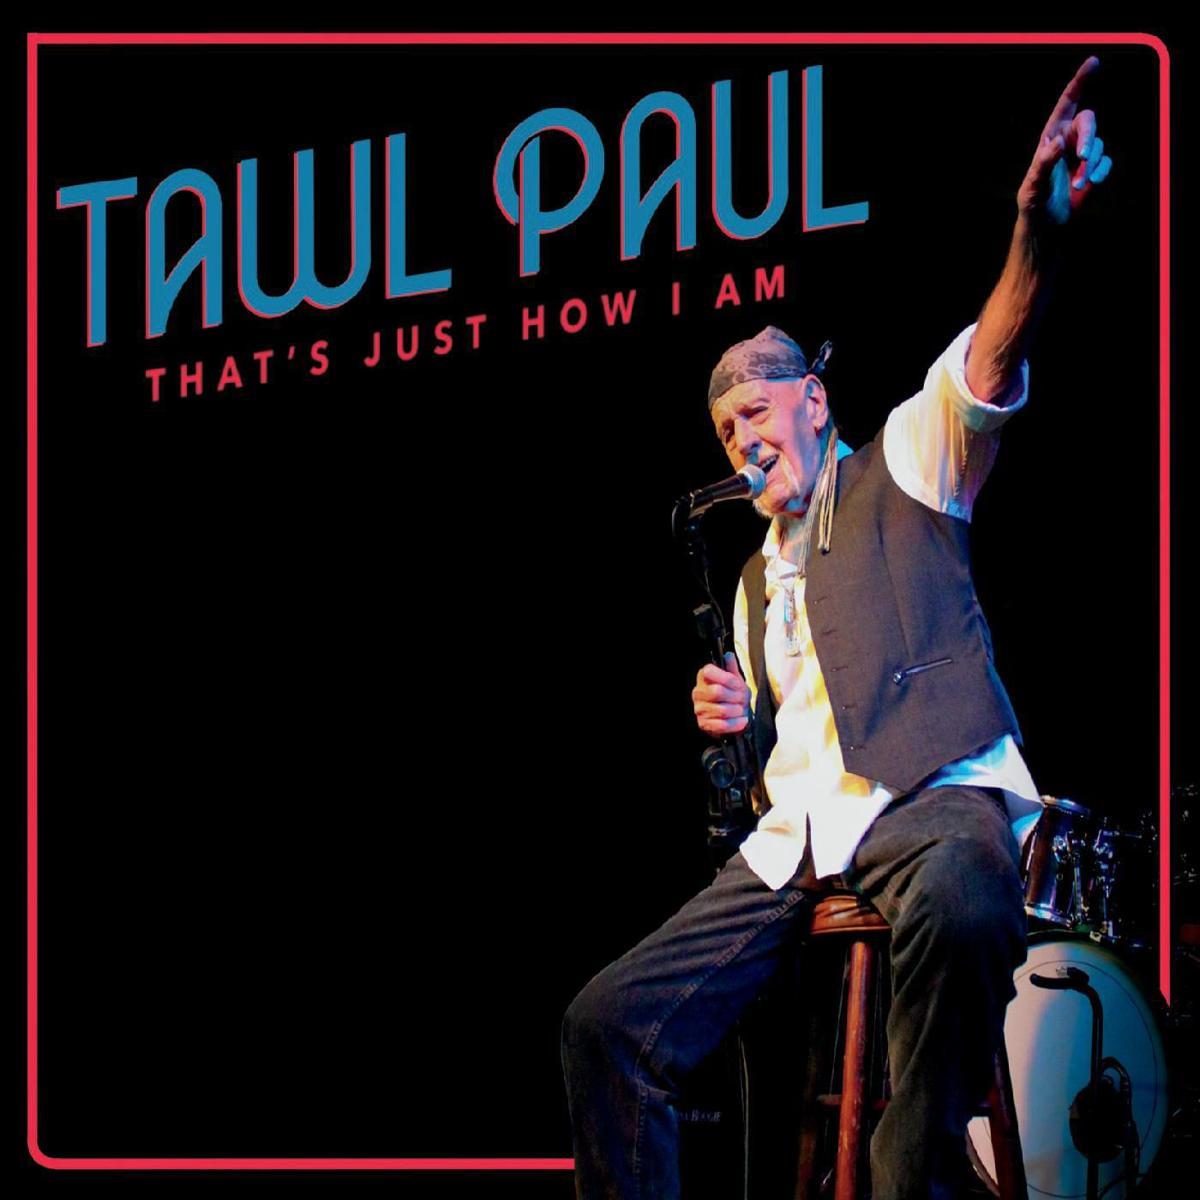 tawl-paul-album.jpg